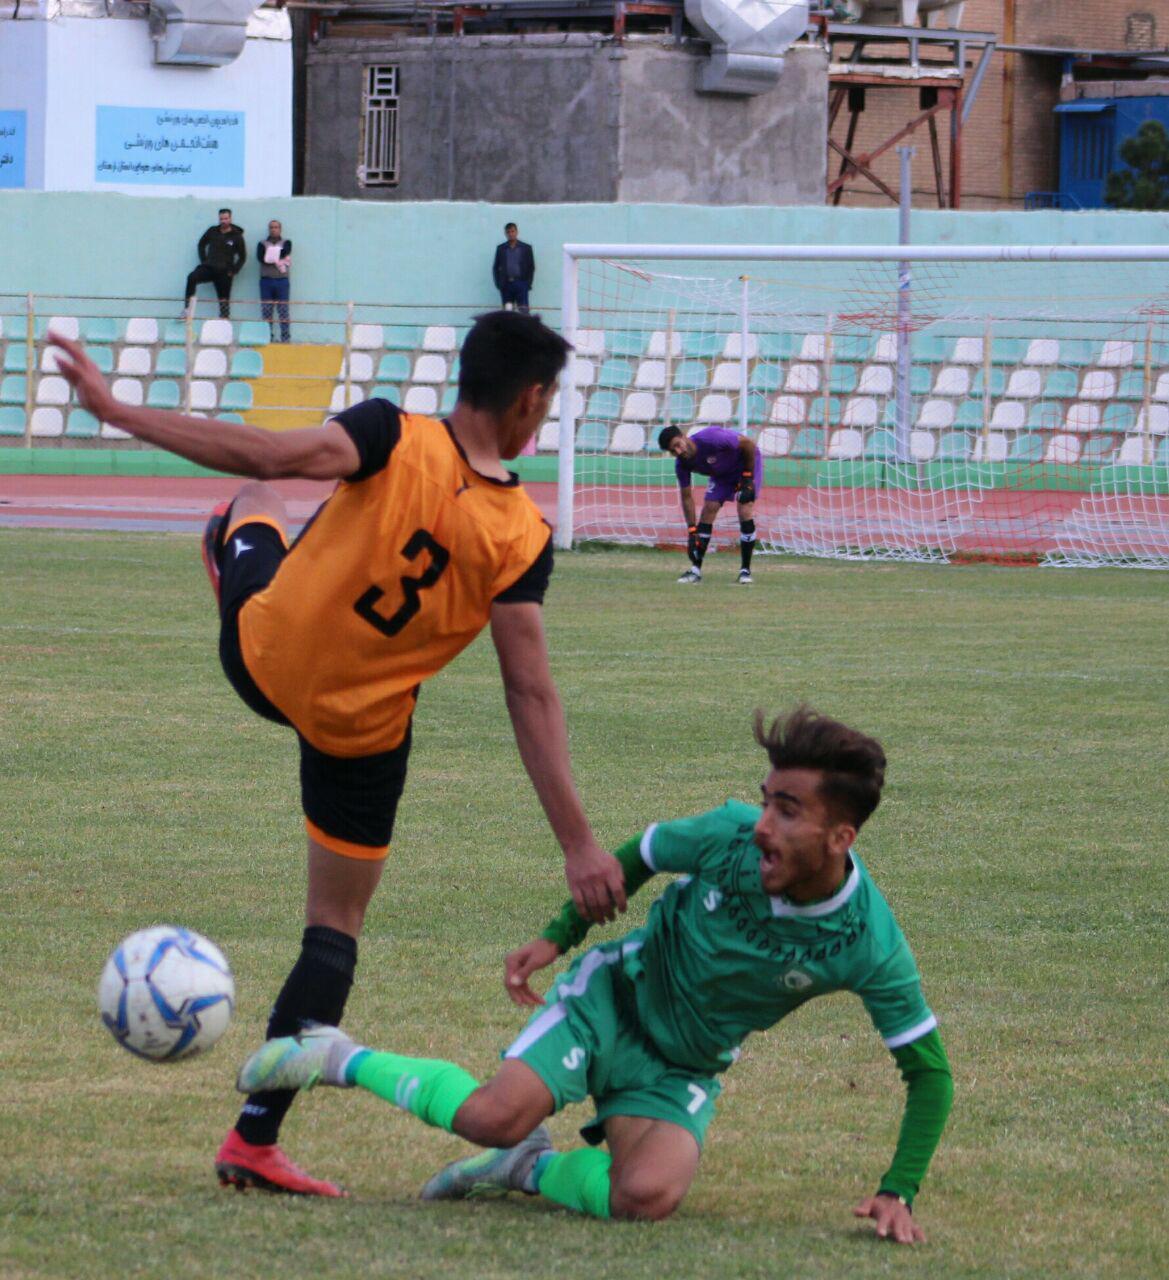 گزارش تصویری: هفته یازدهم لیگ دسته دوم فوتبال کشور/ خیبر خرمآباد - مسنوین کرمان